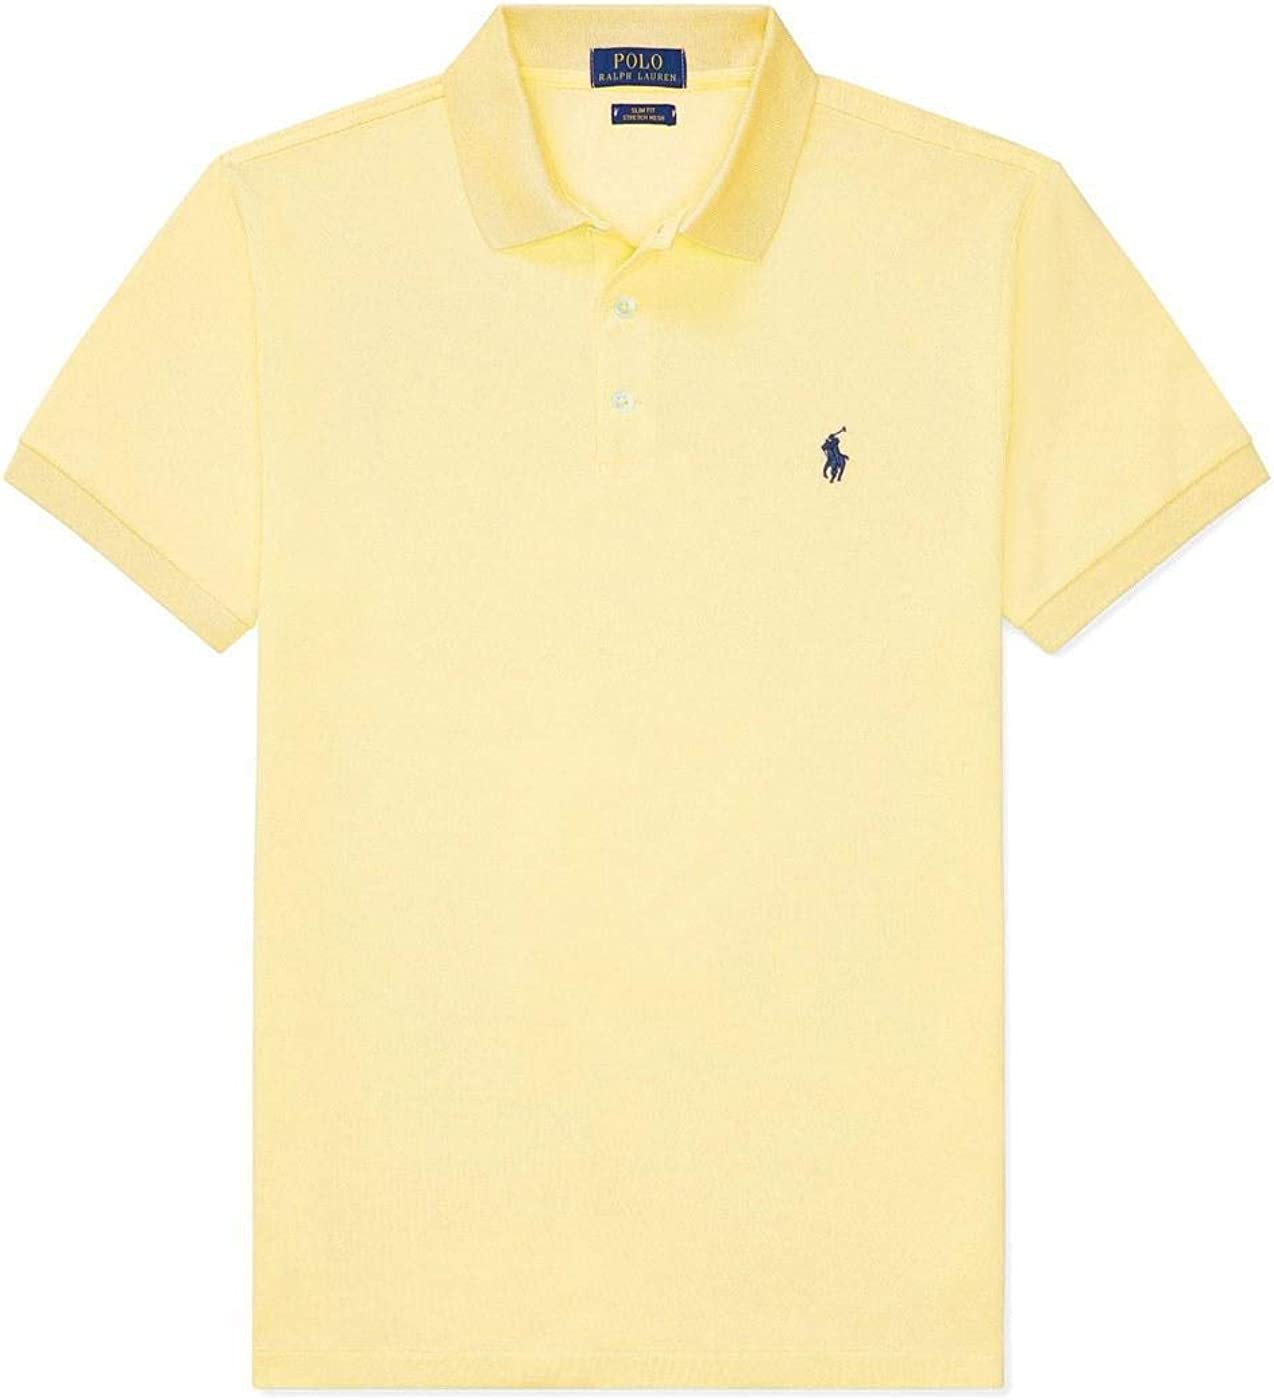 Polo Polo Ralph Lauren Custom Slim Amarillo Hombre XXL Amarillo ...